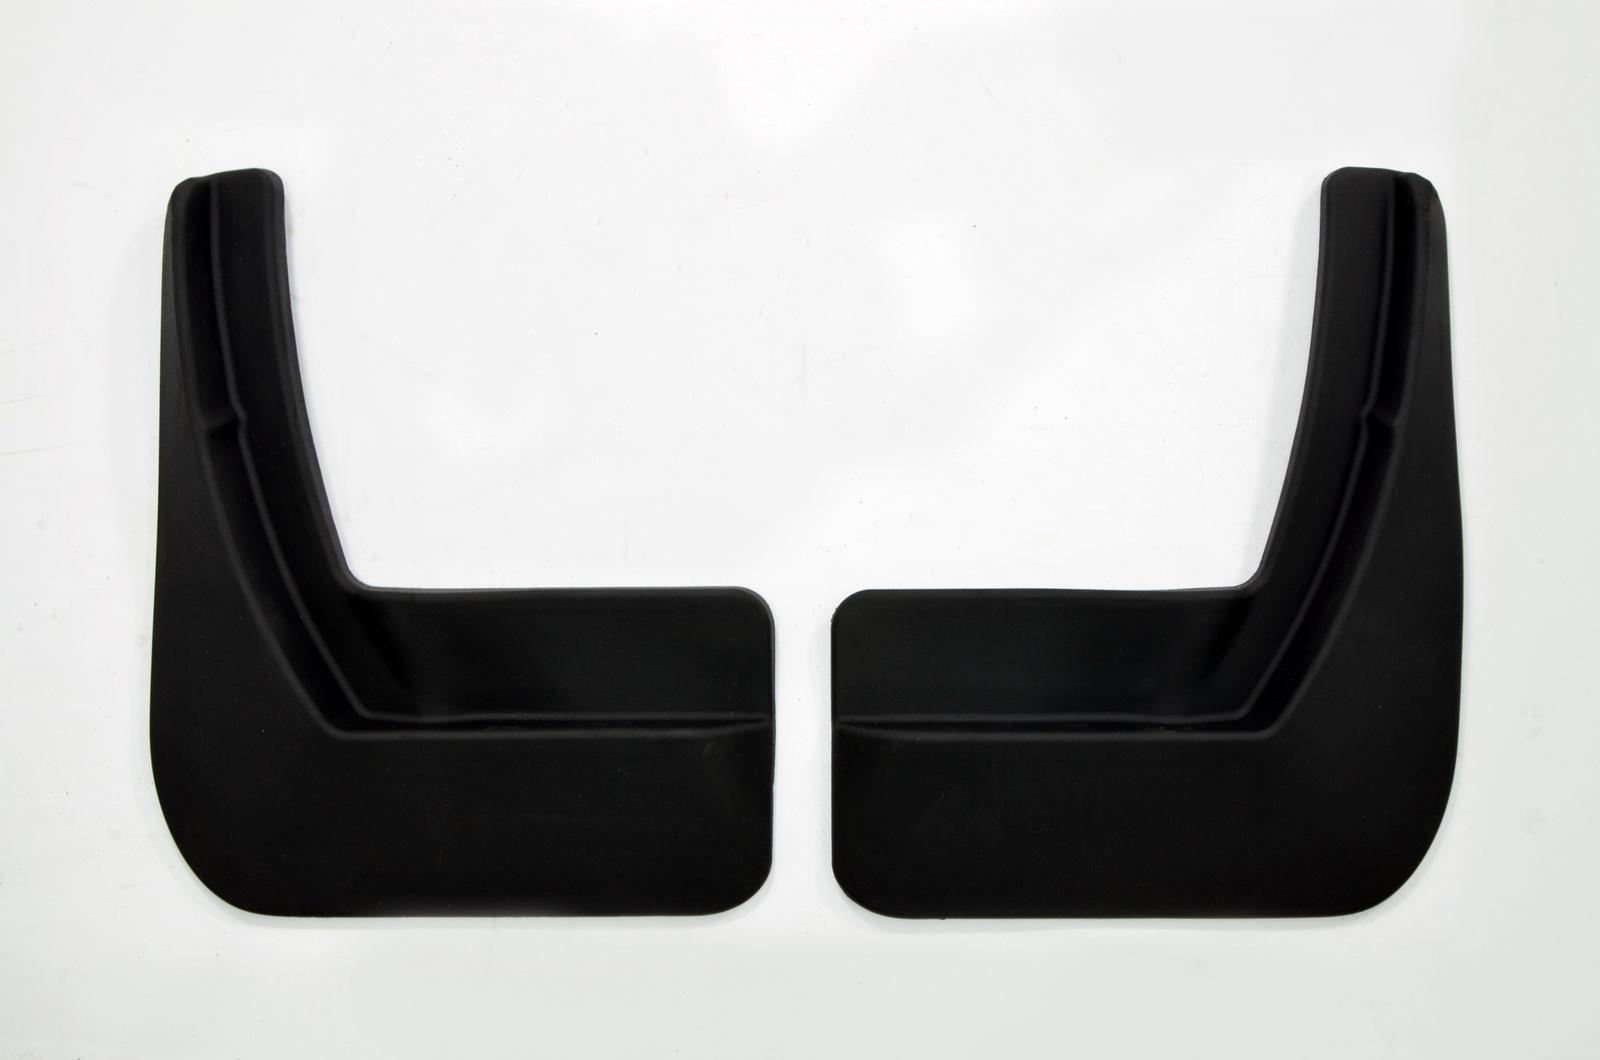 цена на Брызговики резиновые для Renault Logan II (2014-) Задние